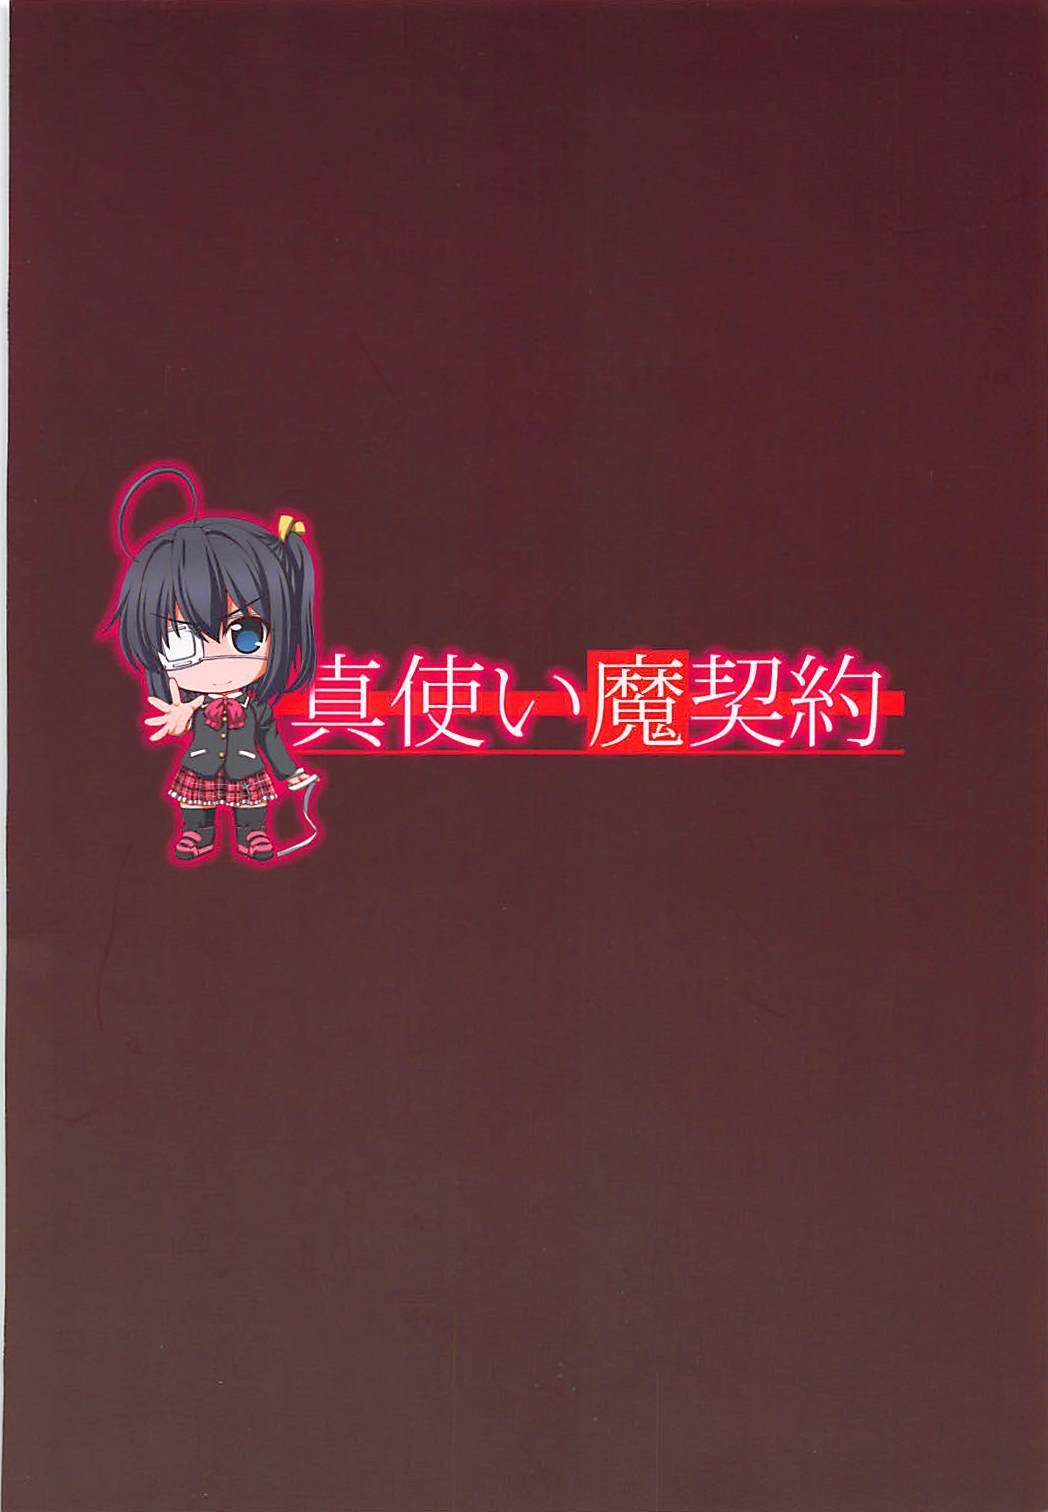 Shin Tsukaima Keiyaku 17